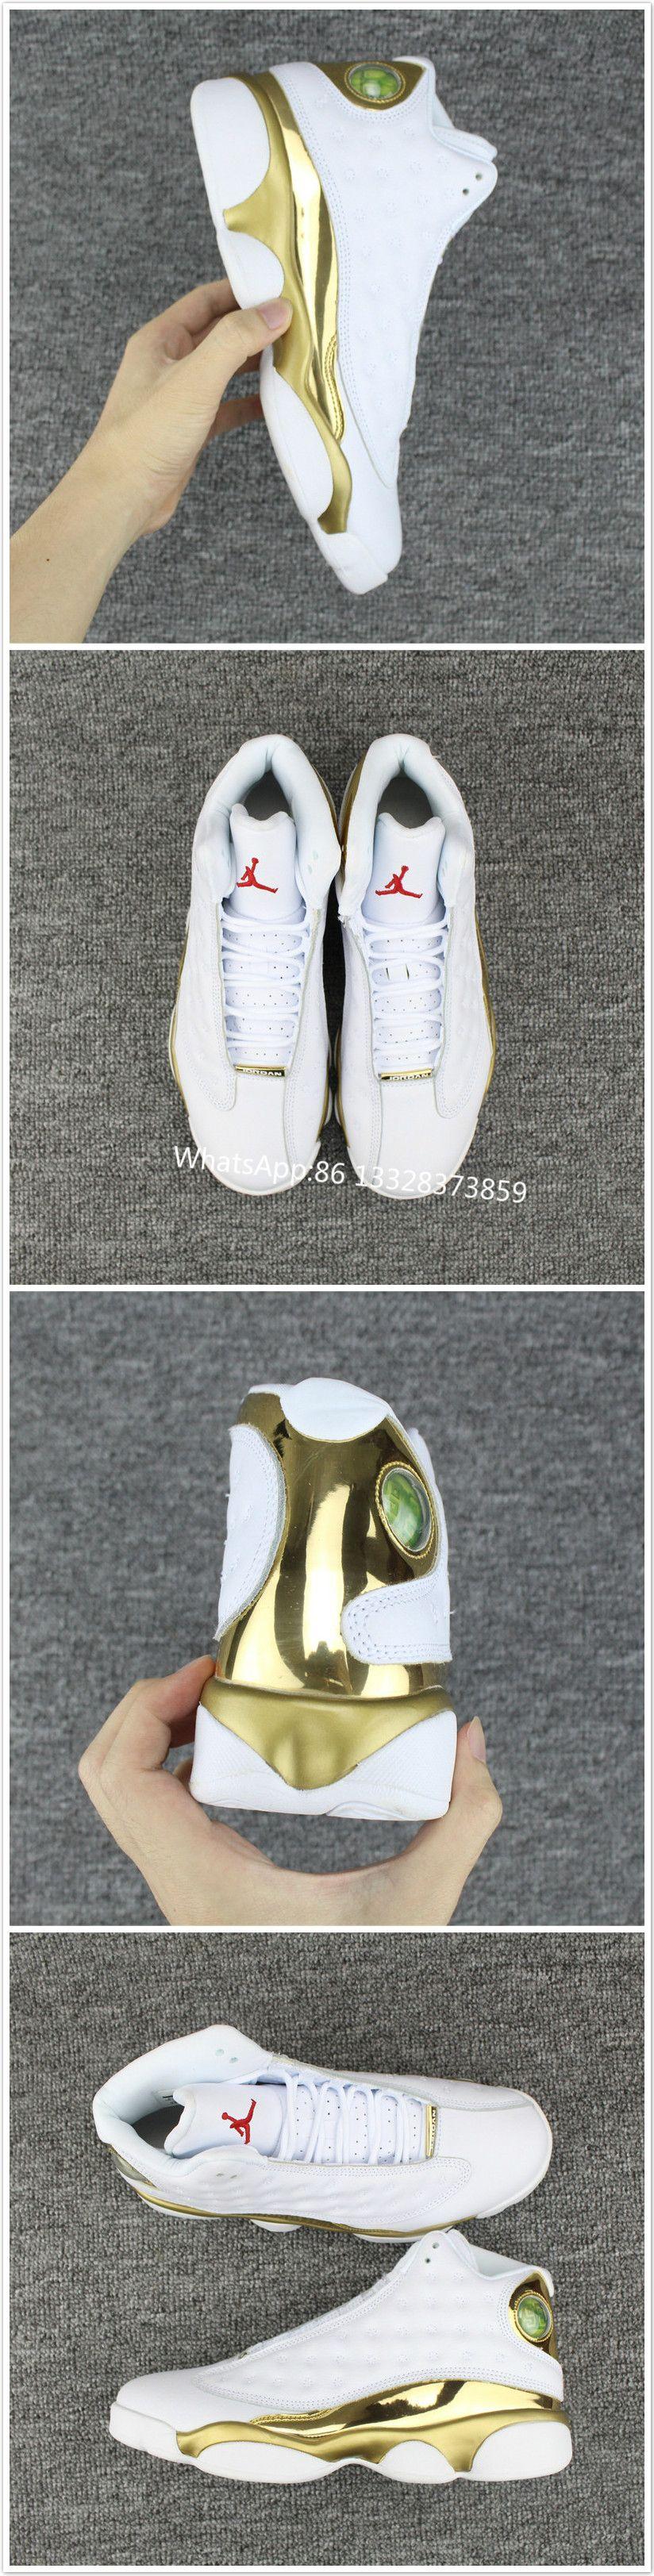 03a92d983b6091 Free Shipping Authentic Air Jordan 13 Men shoes 40-47 WhatsApp 86  13328373859